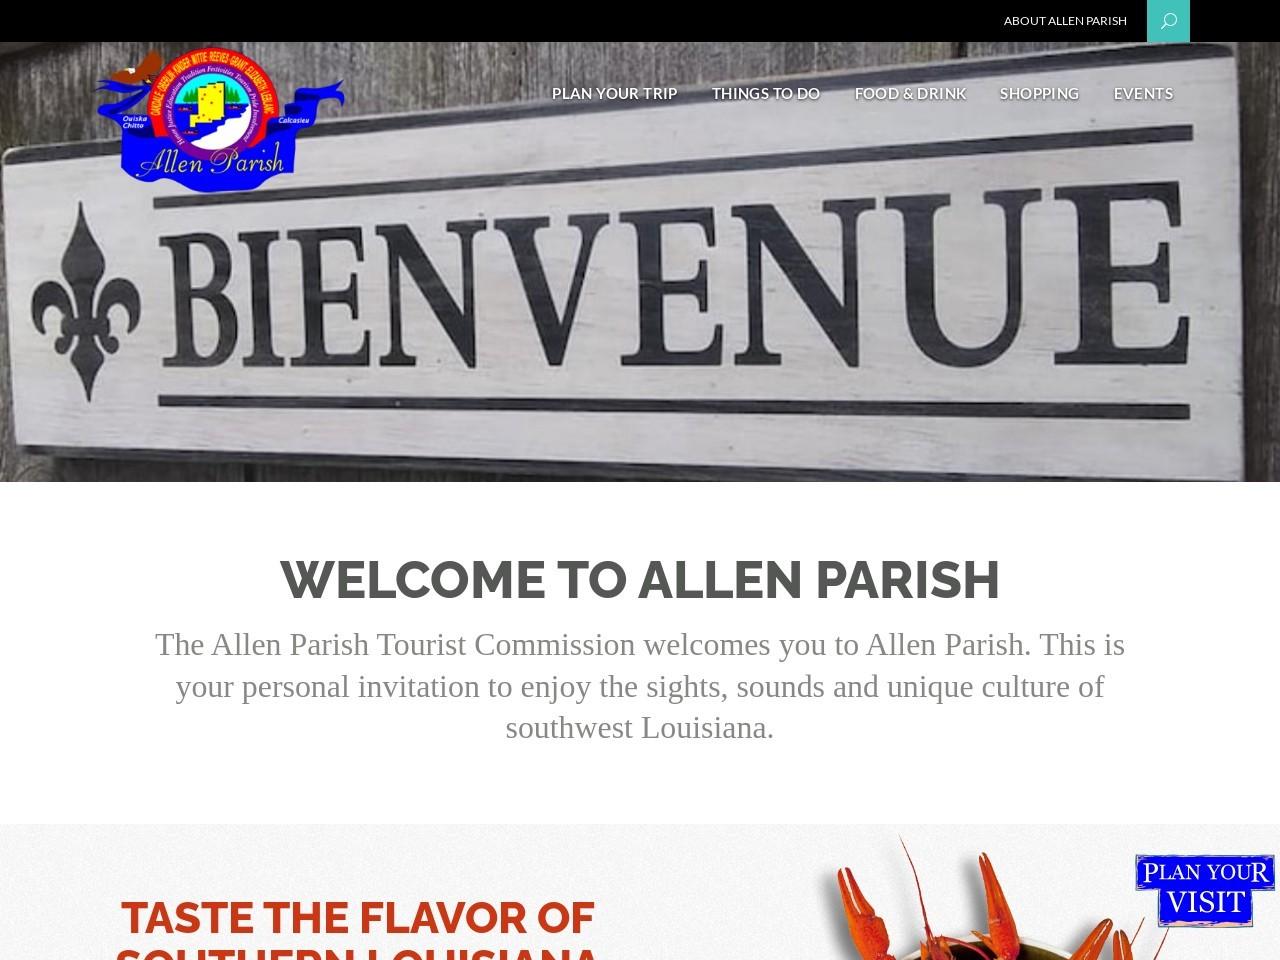 allenparish.com